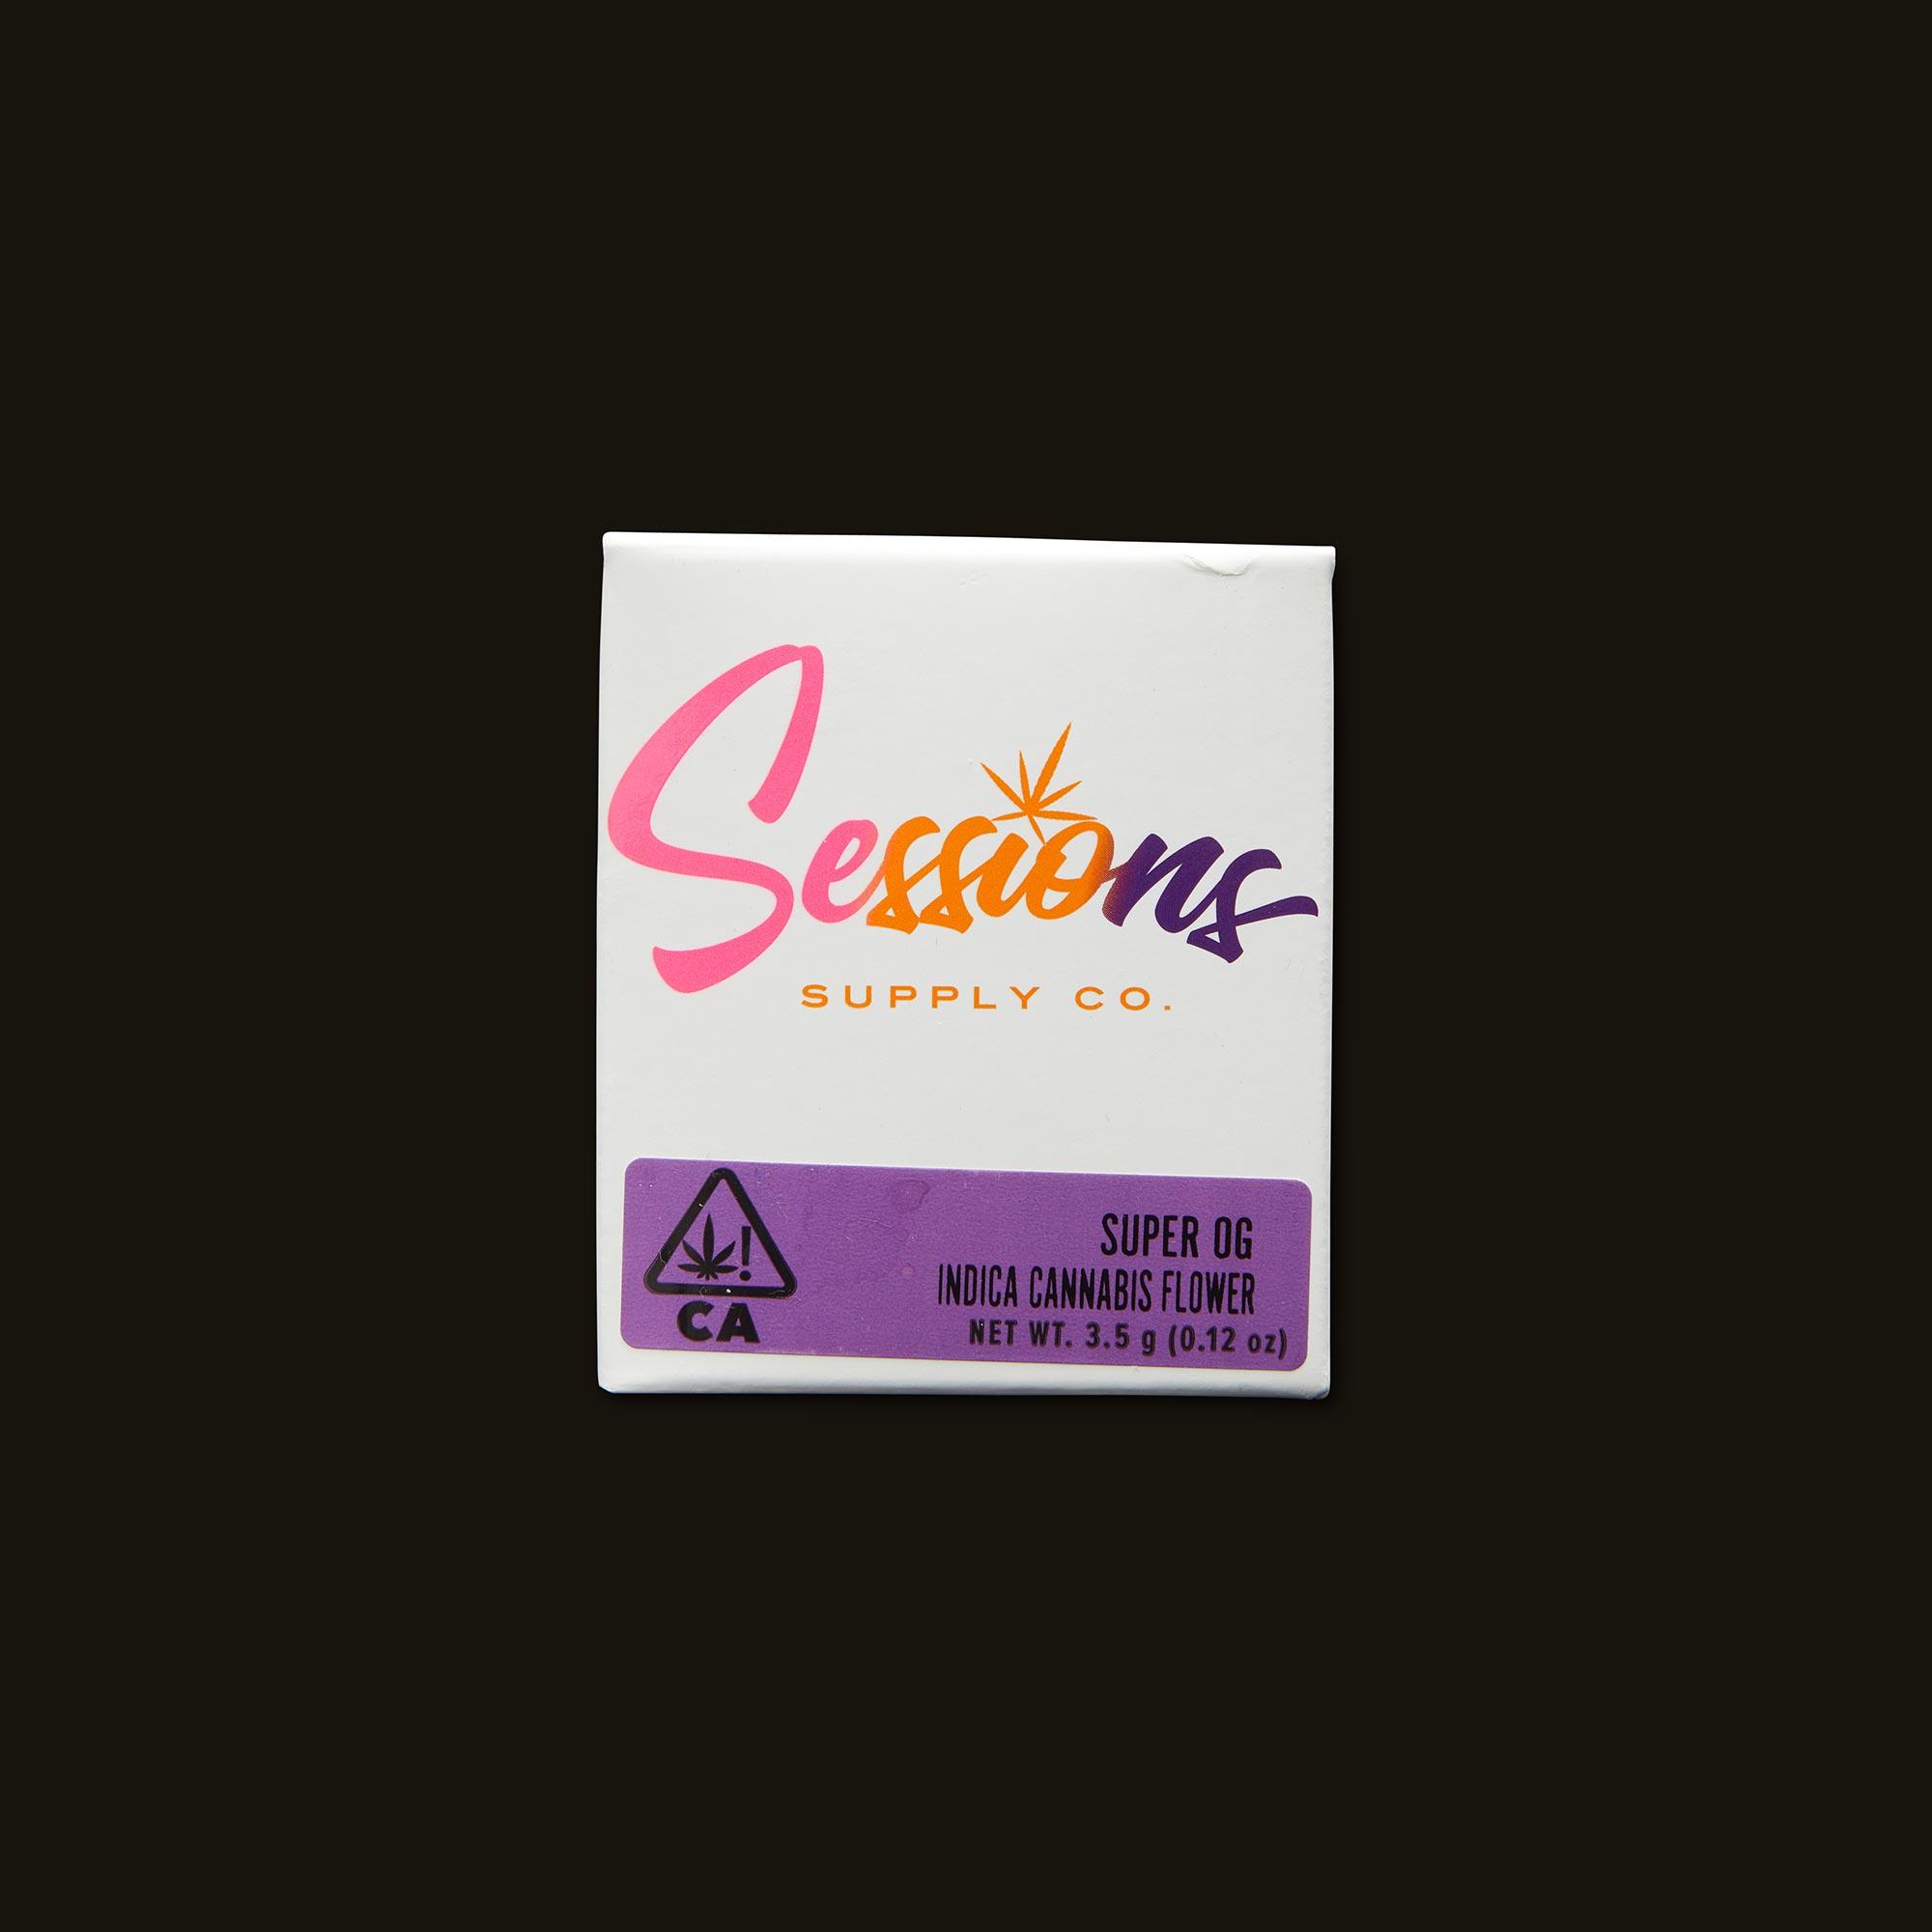 Sessions Super OG Front Packaging